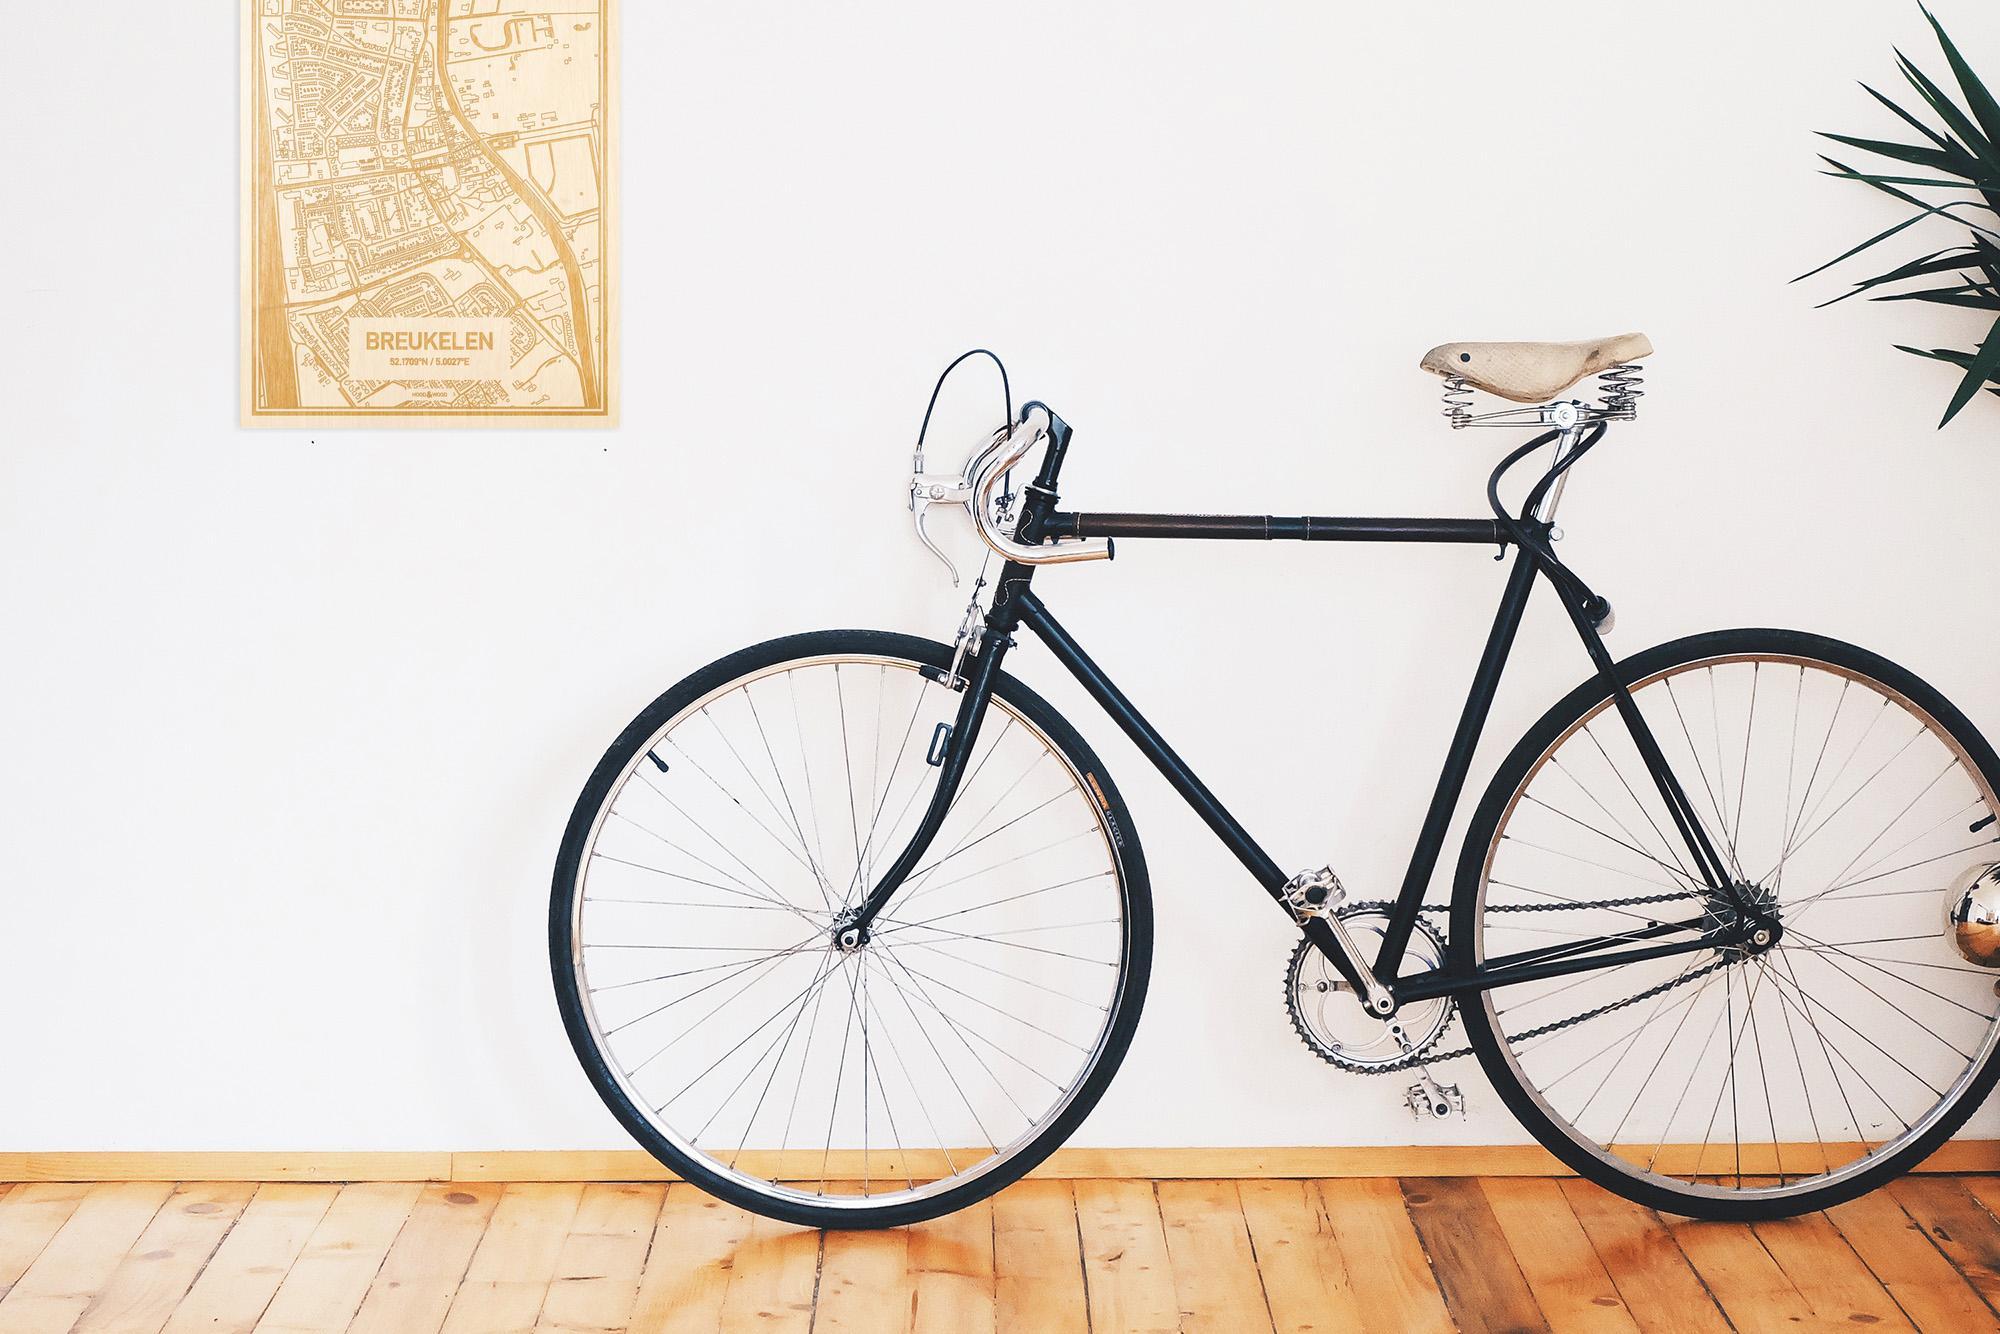 Een snelle fiets in een uniek interieur in Utrecht met mooie decoratie zoals de plattegrond Breukelen.